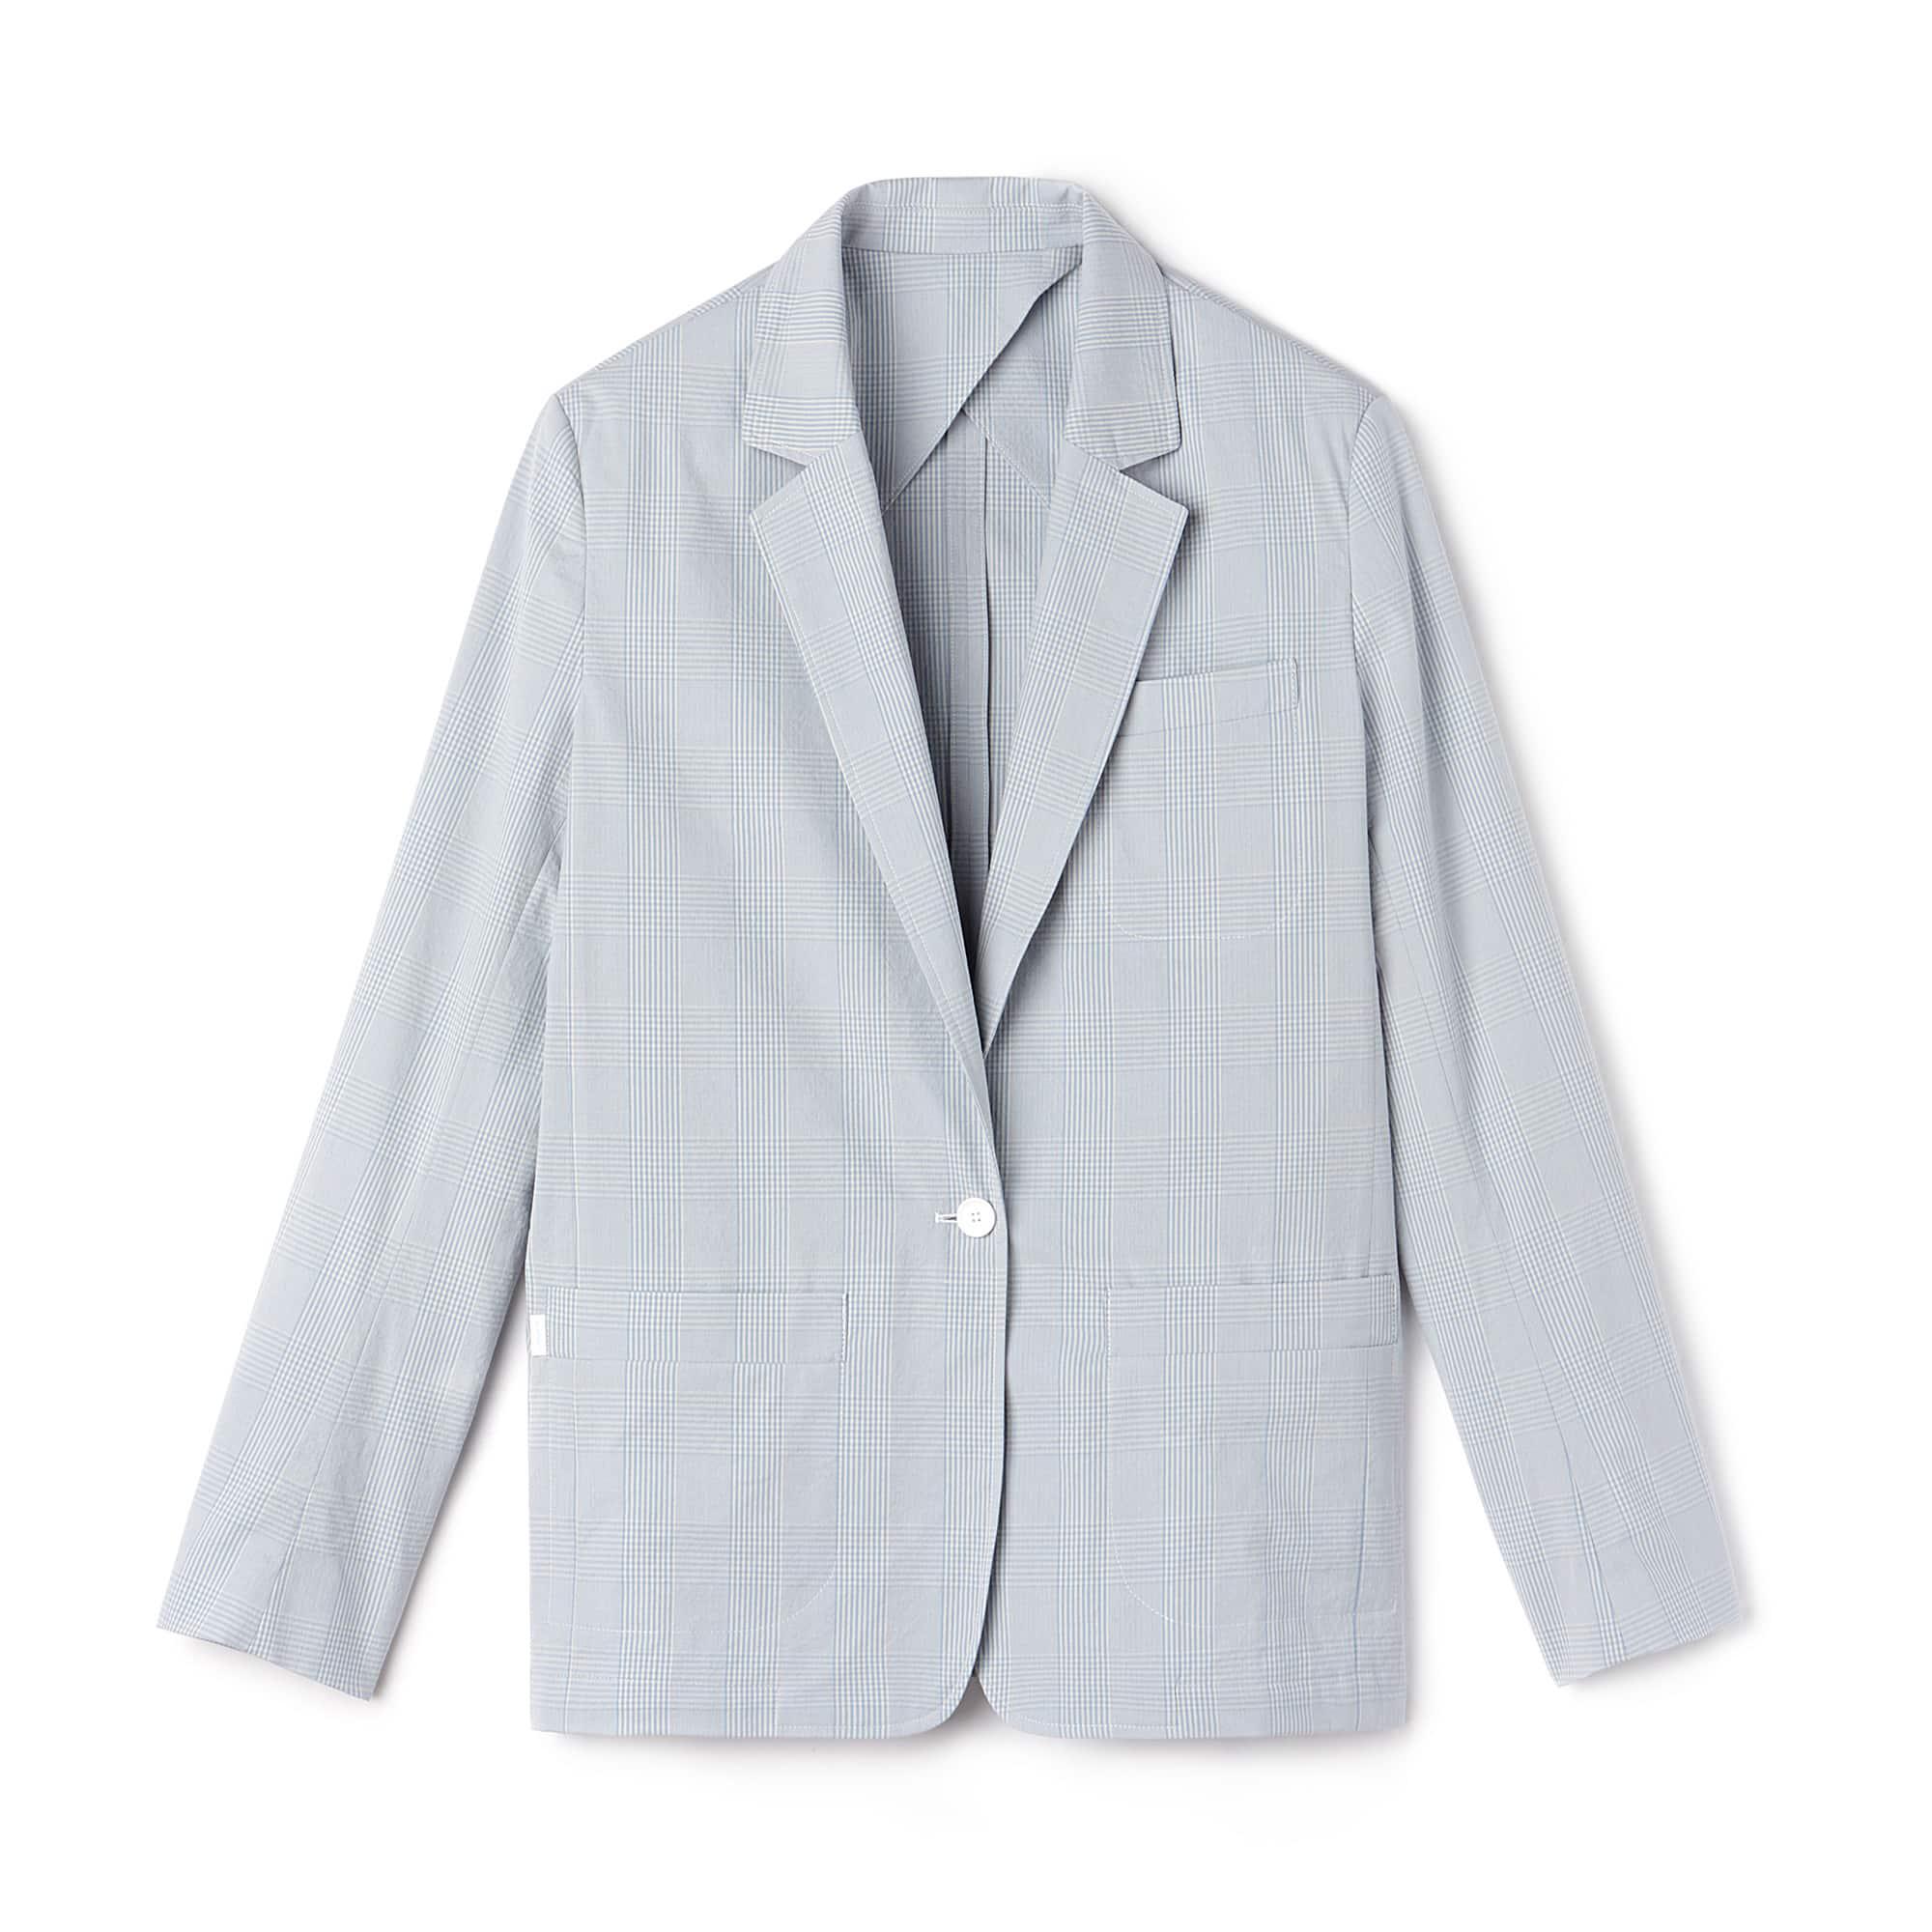 Blazer em seersucker de algodão